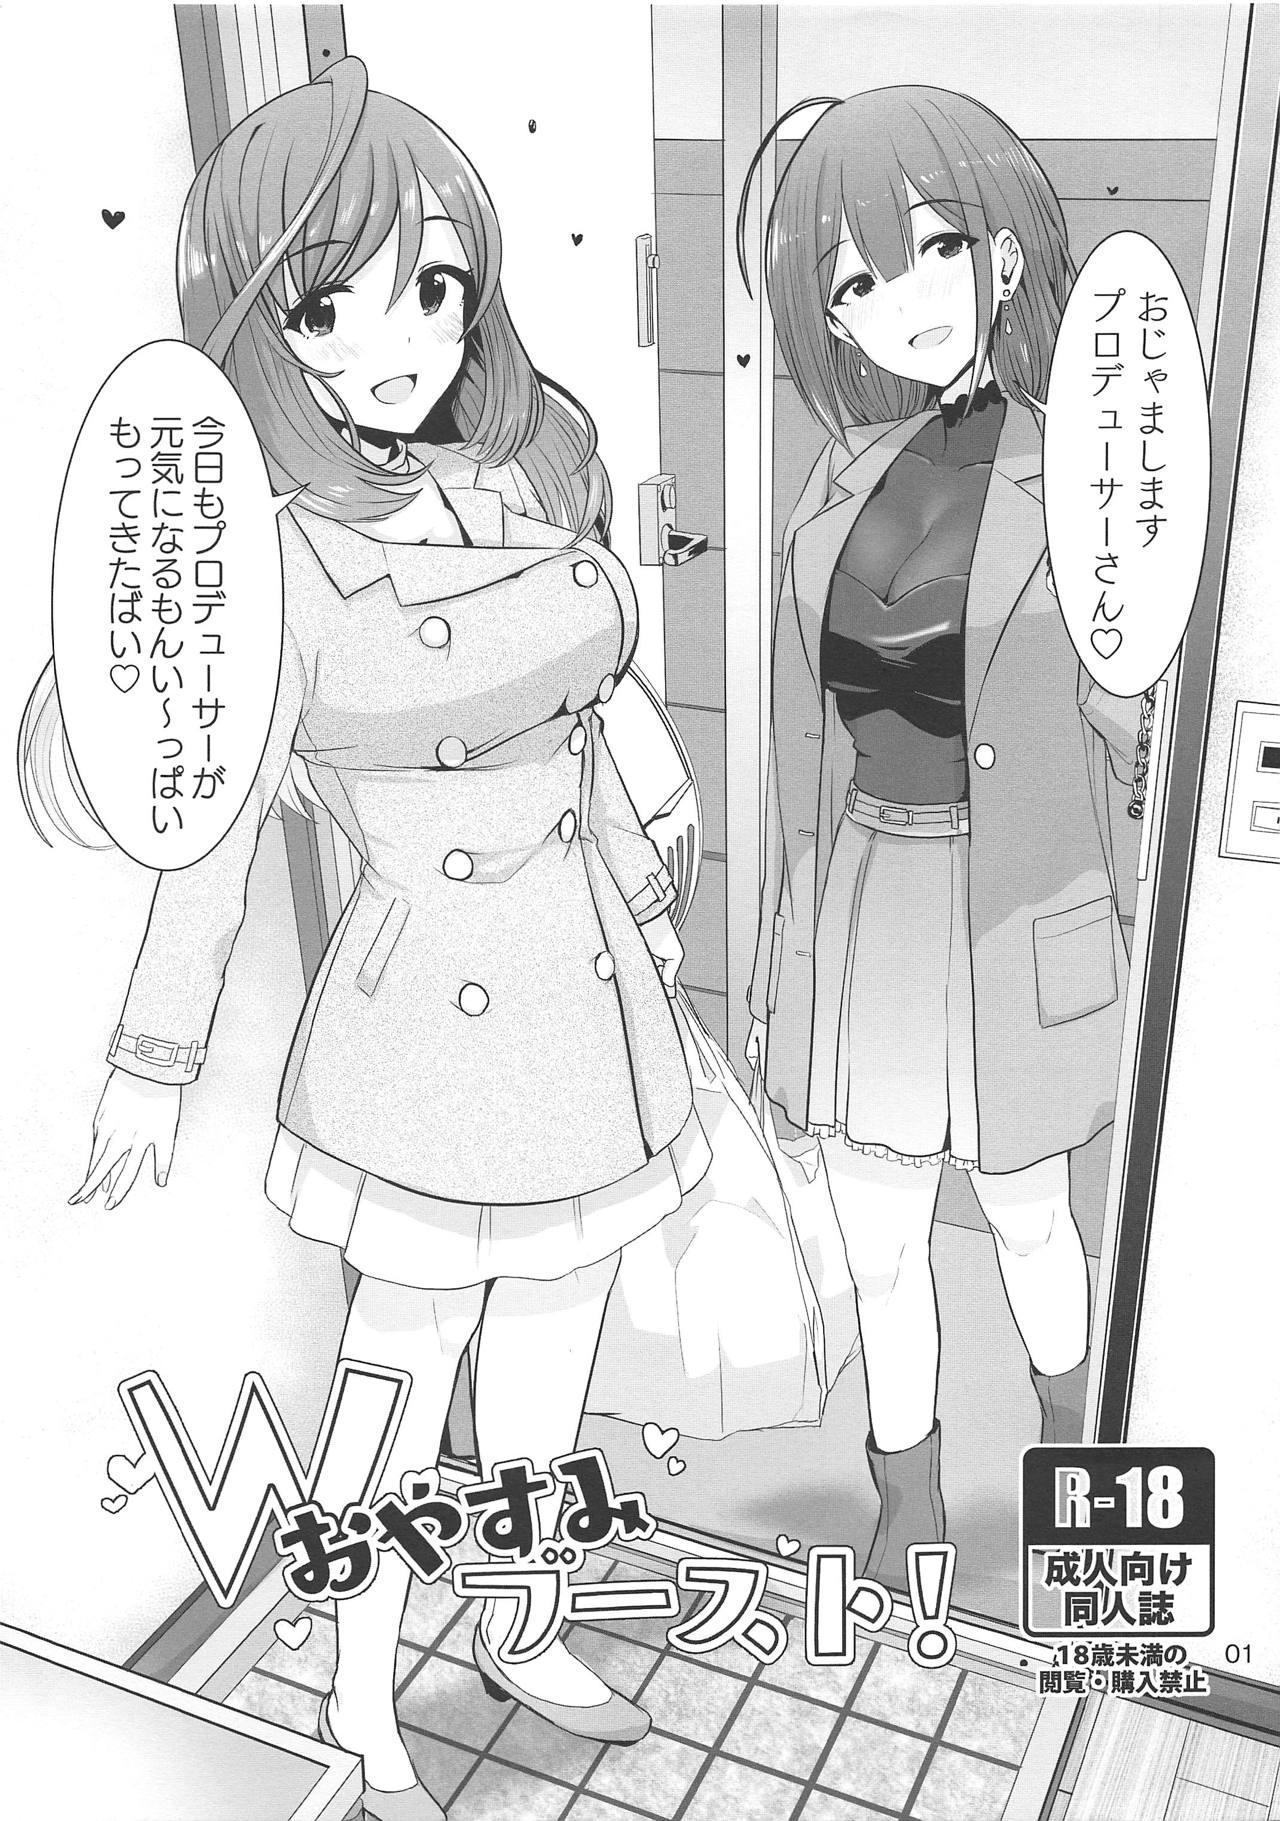 W Oyasumi Boost 0